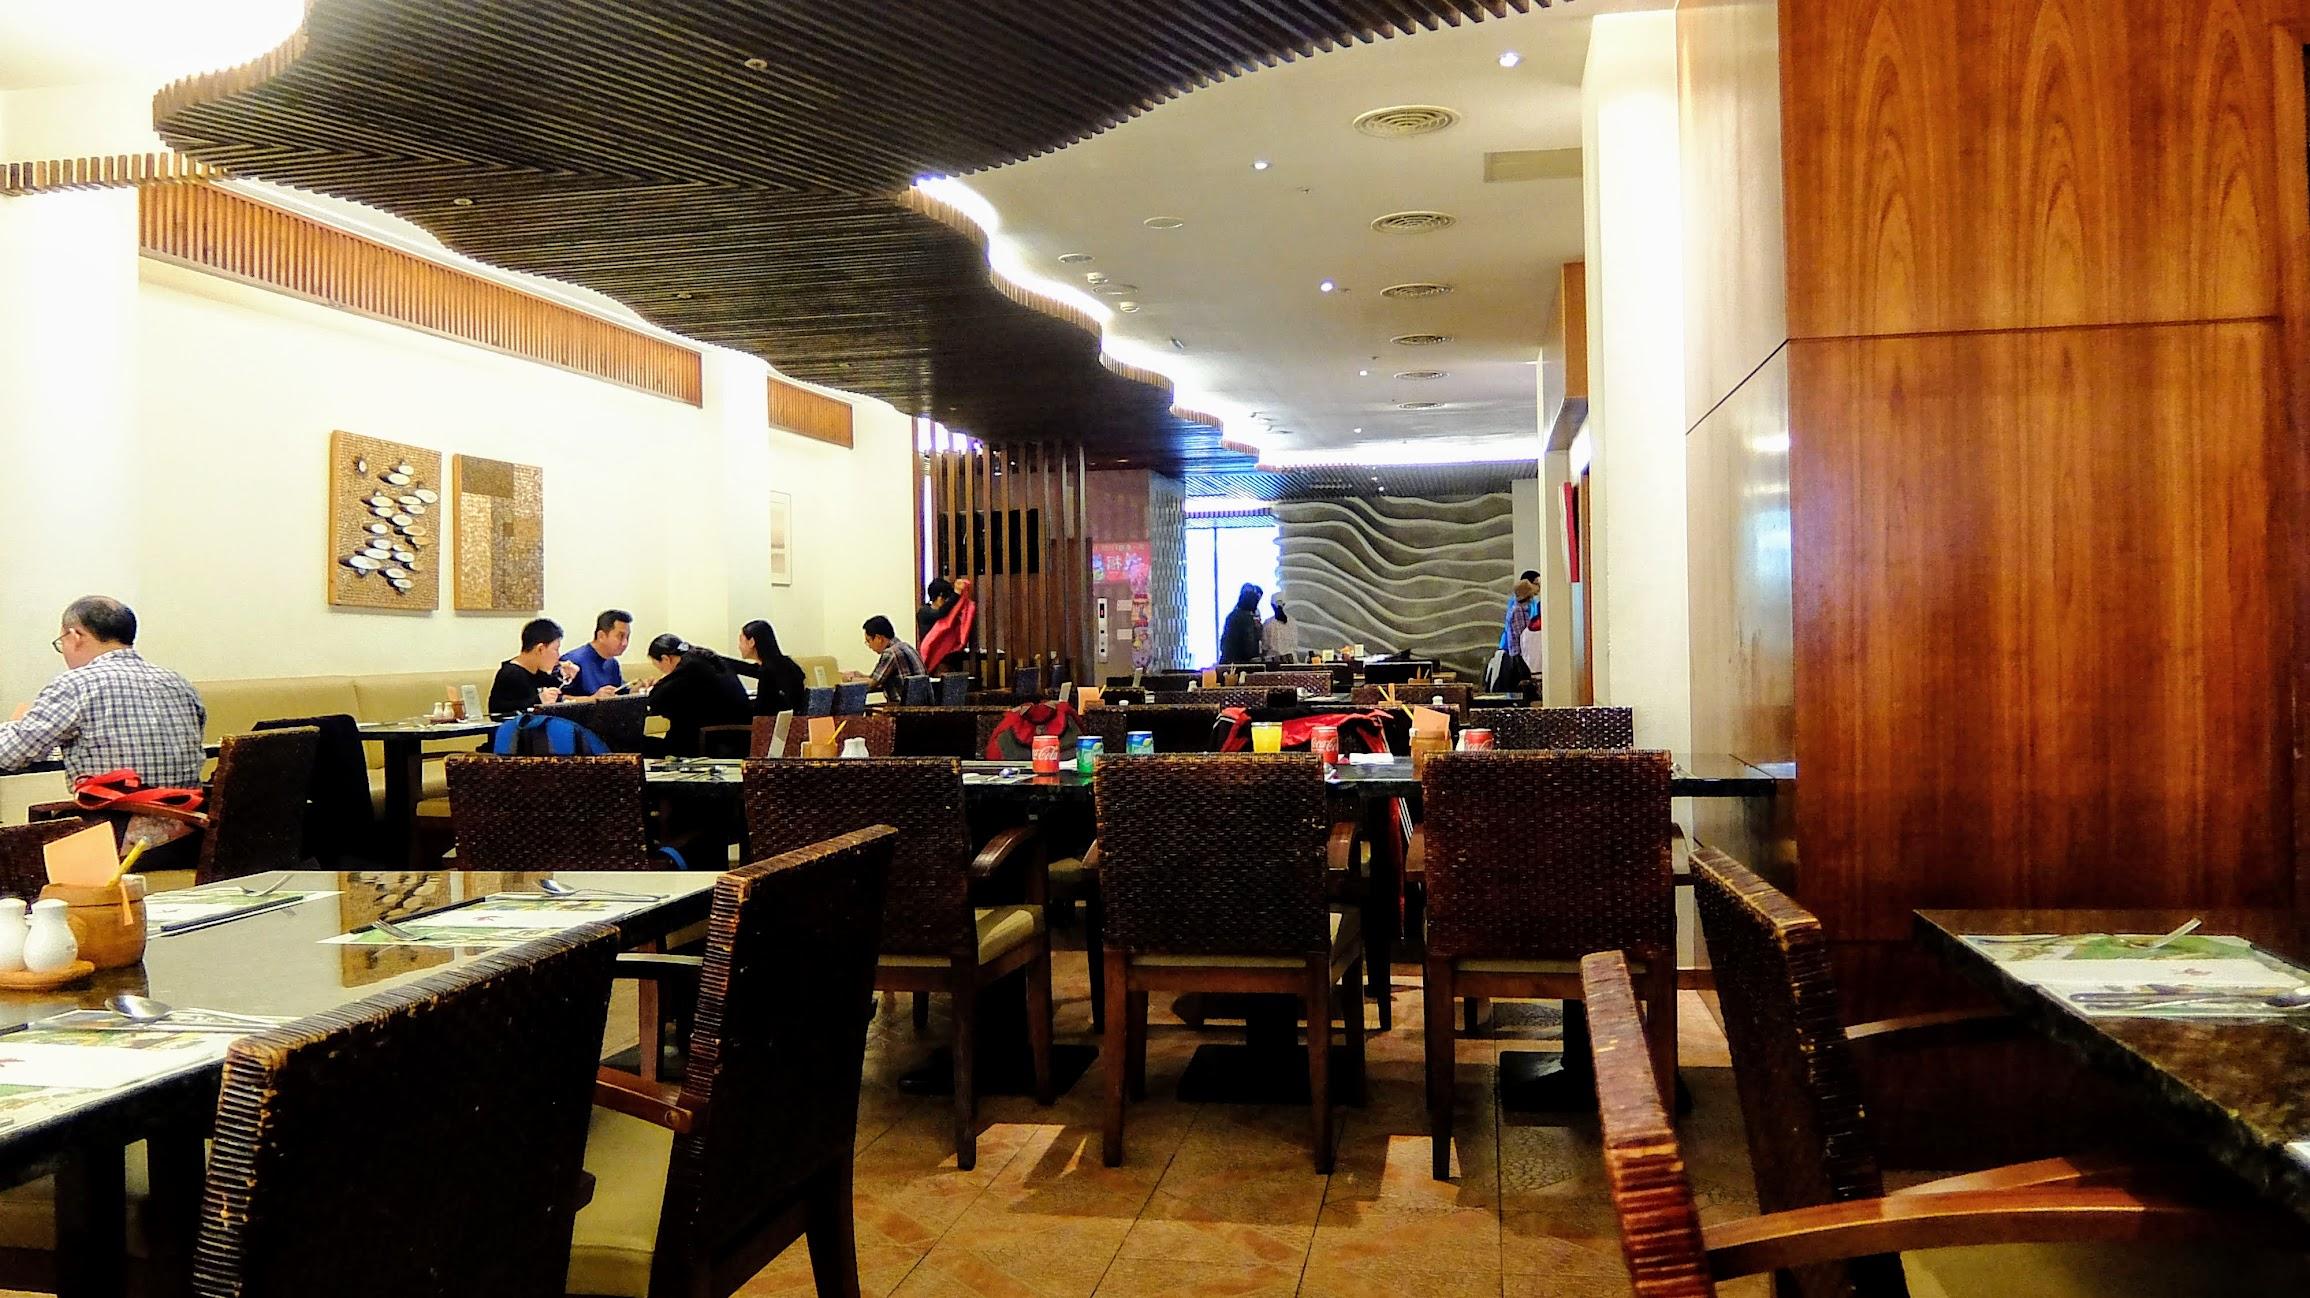 餐廳內一景,因為是過年期間,所以每一桌都是預約桌